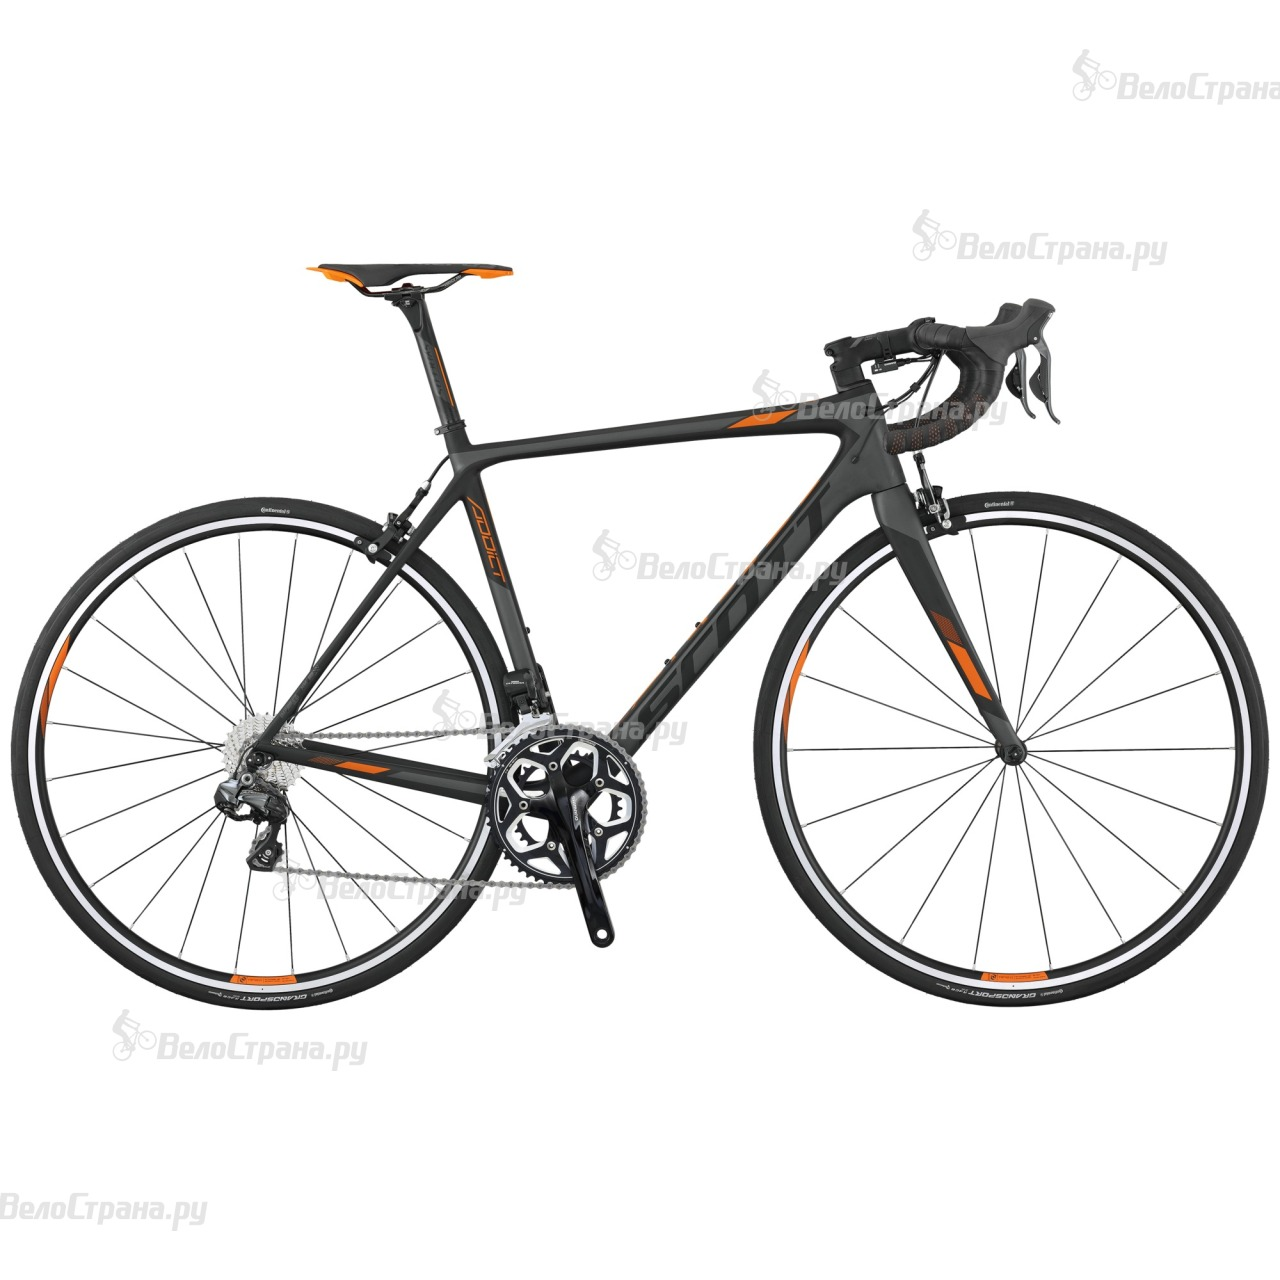 Велосипед Scott Addict 15 Di2 (2017) scott addict sl compact 2015